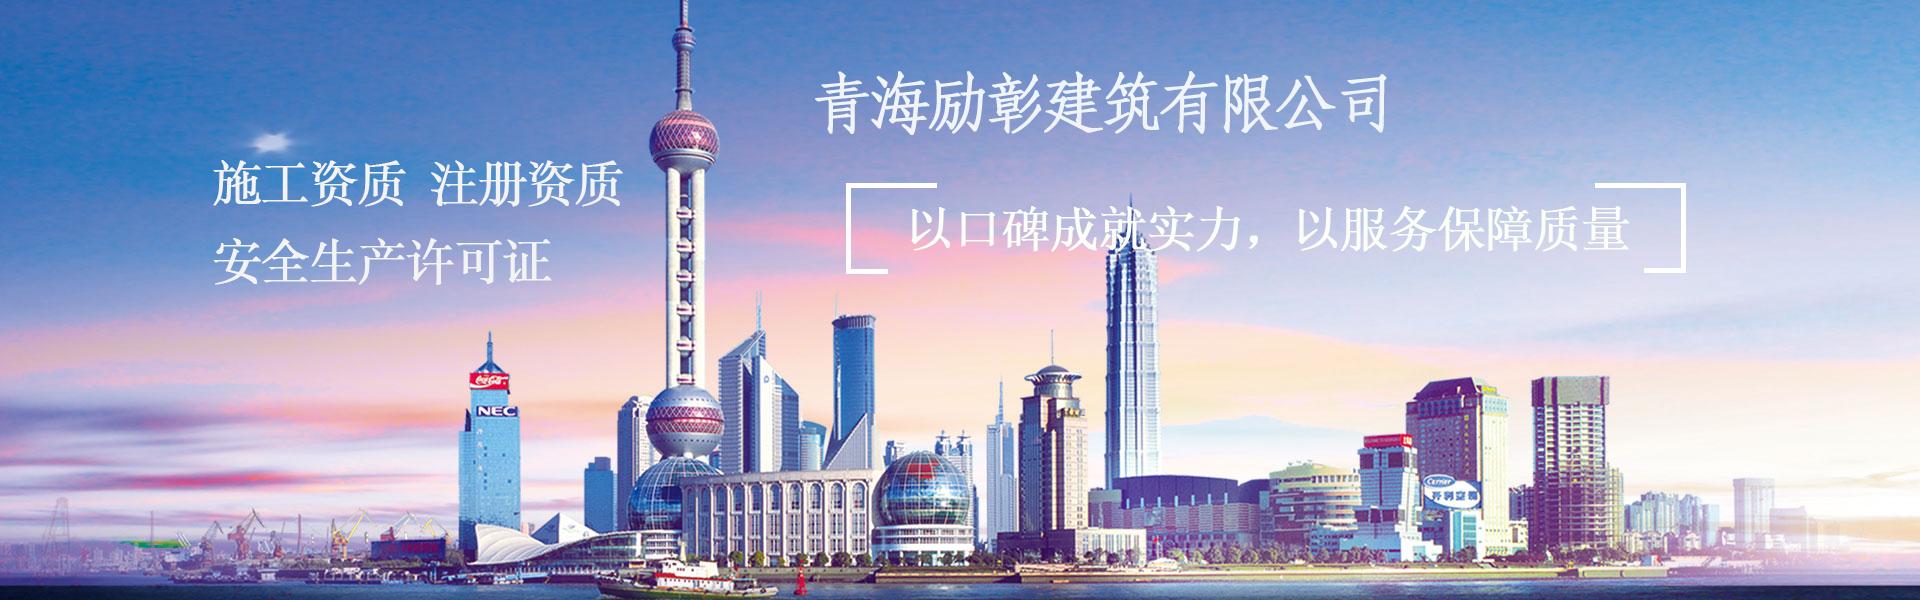 青海励彰建筑工程有限公司